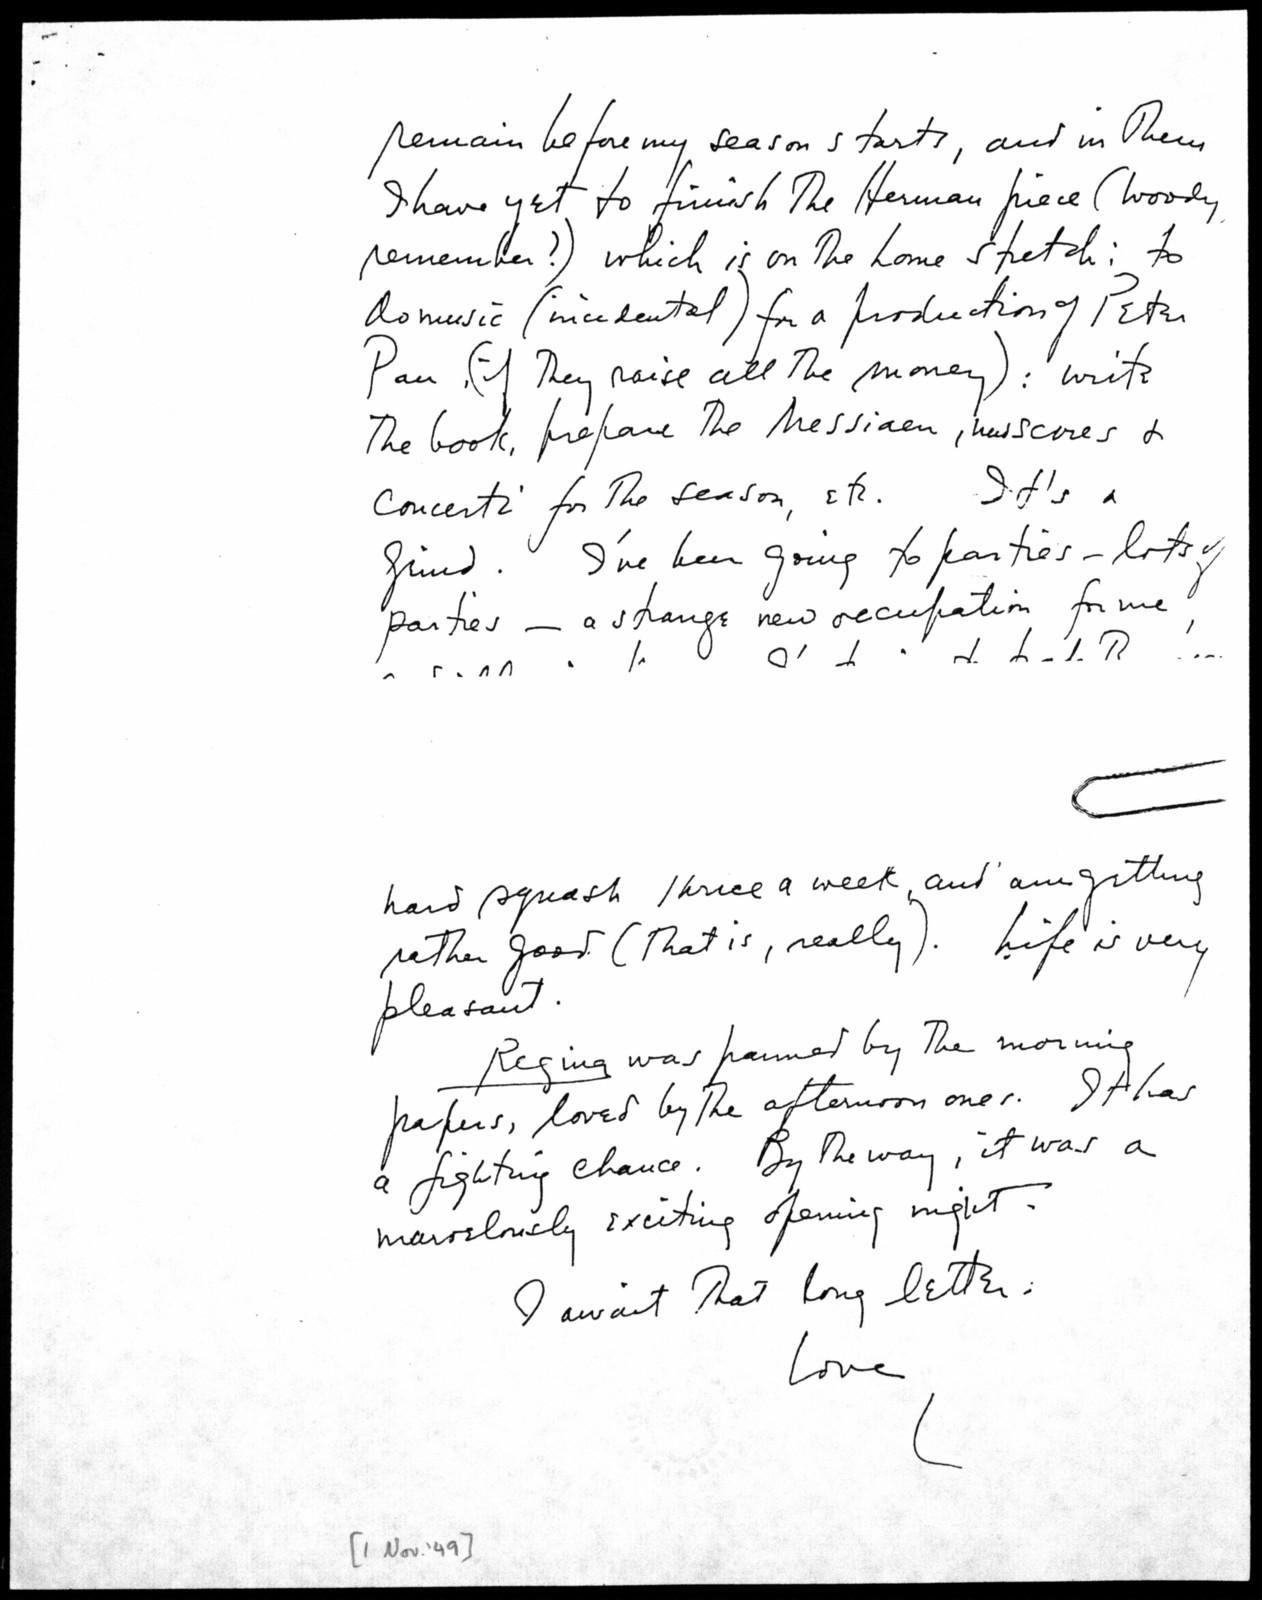 Letter from Leonard Bernstein to Burton Bernstein, November 1, 1949